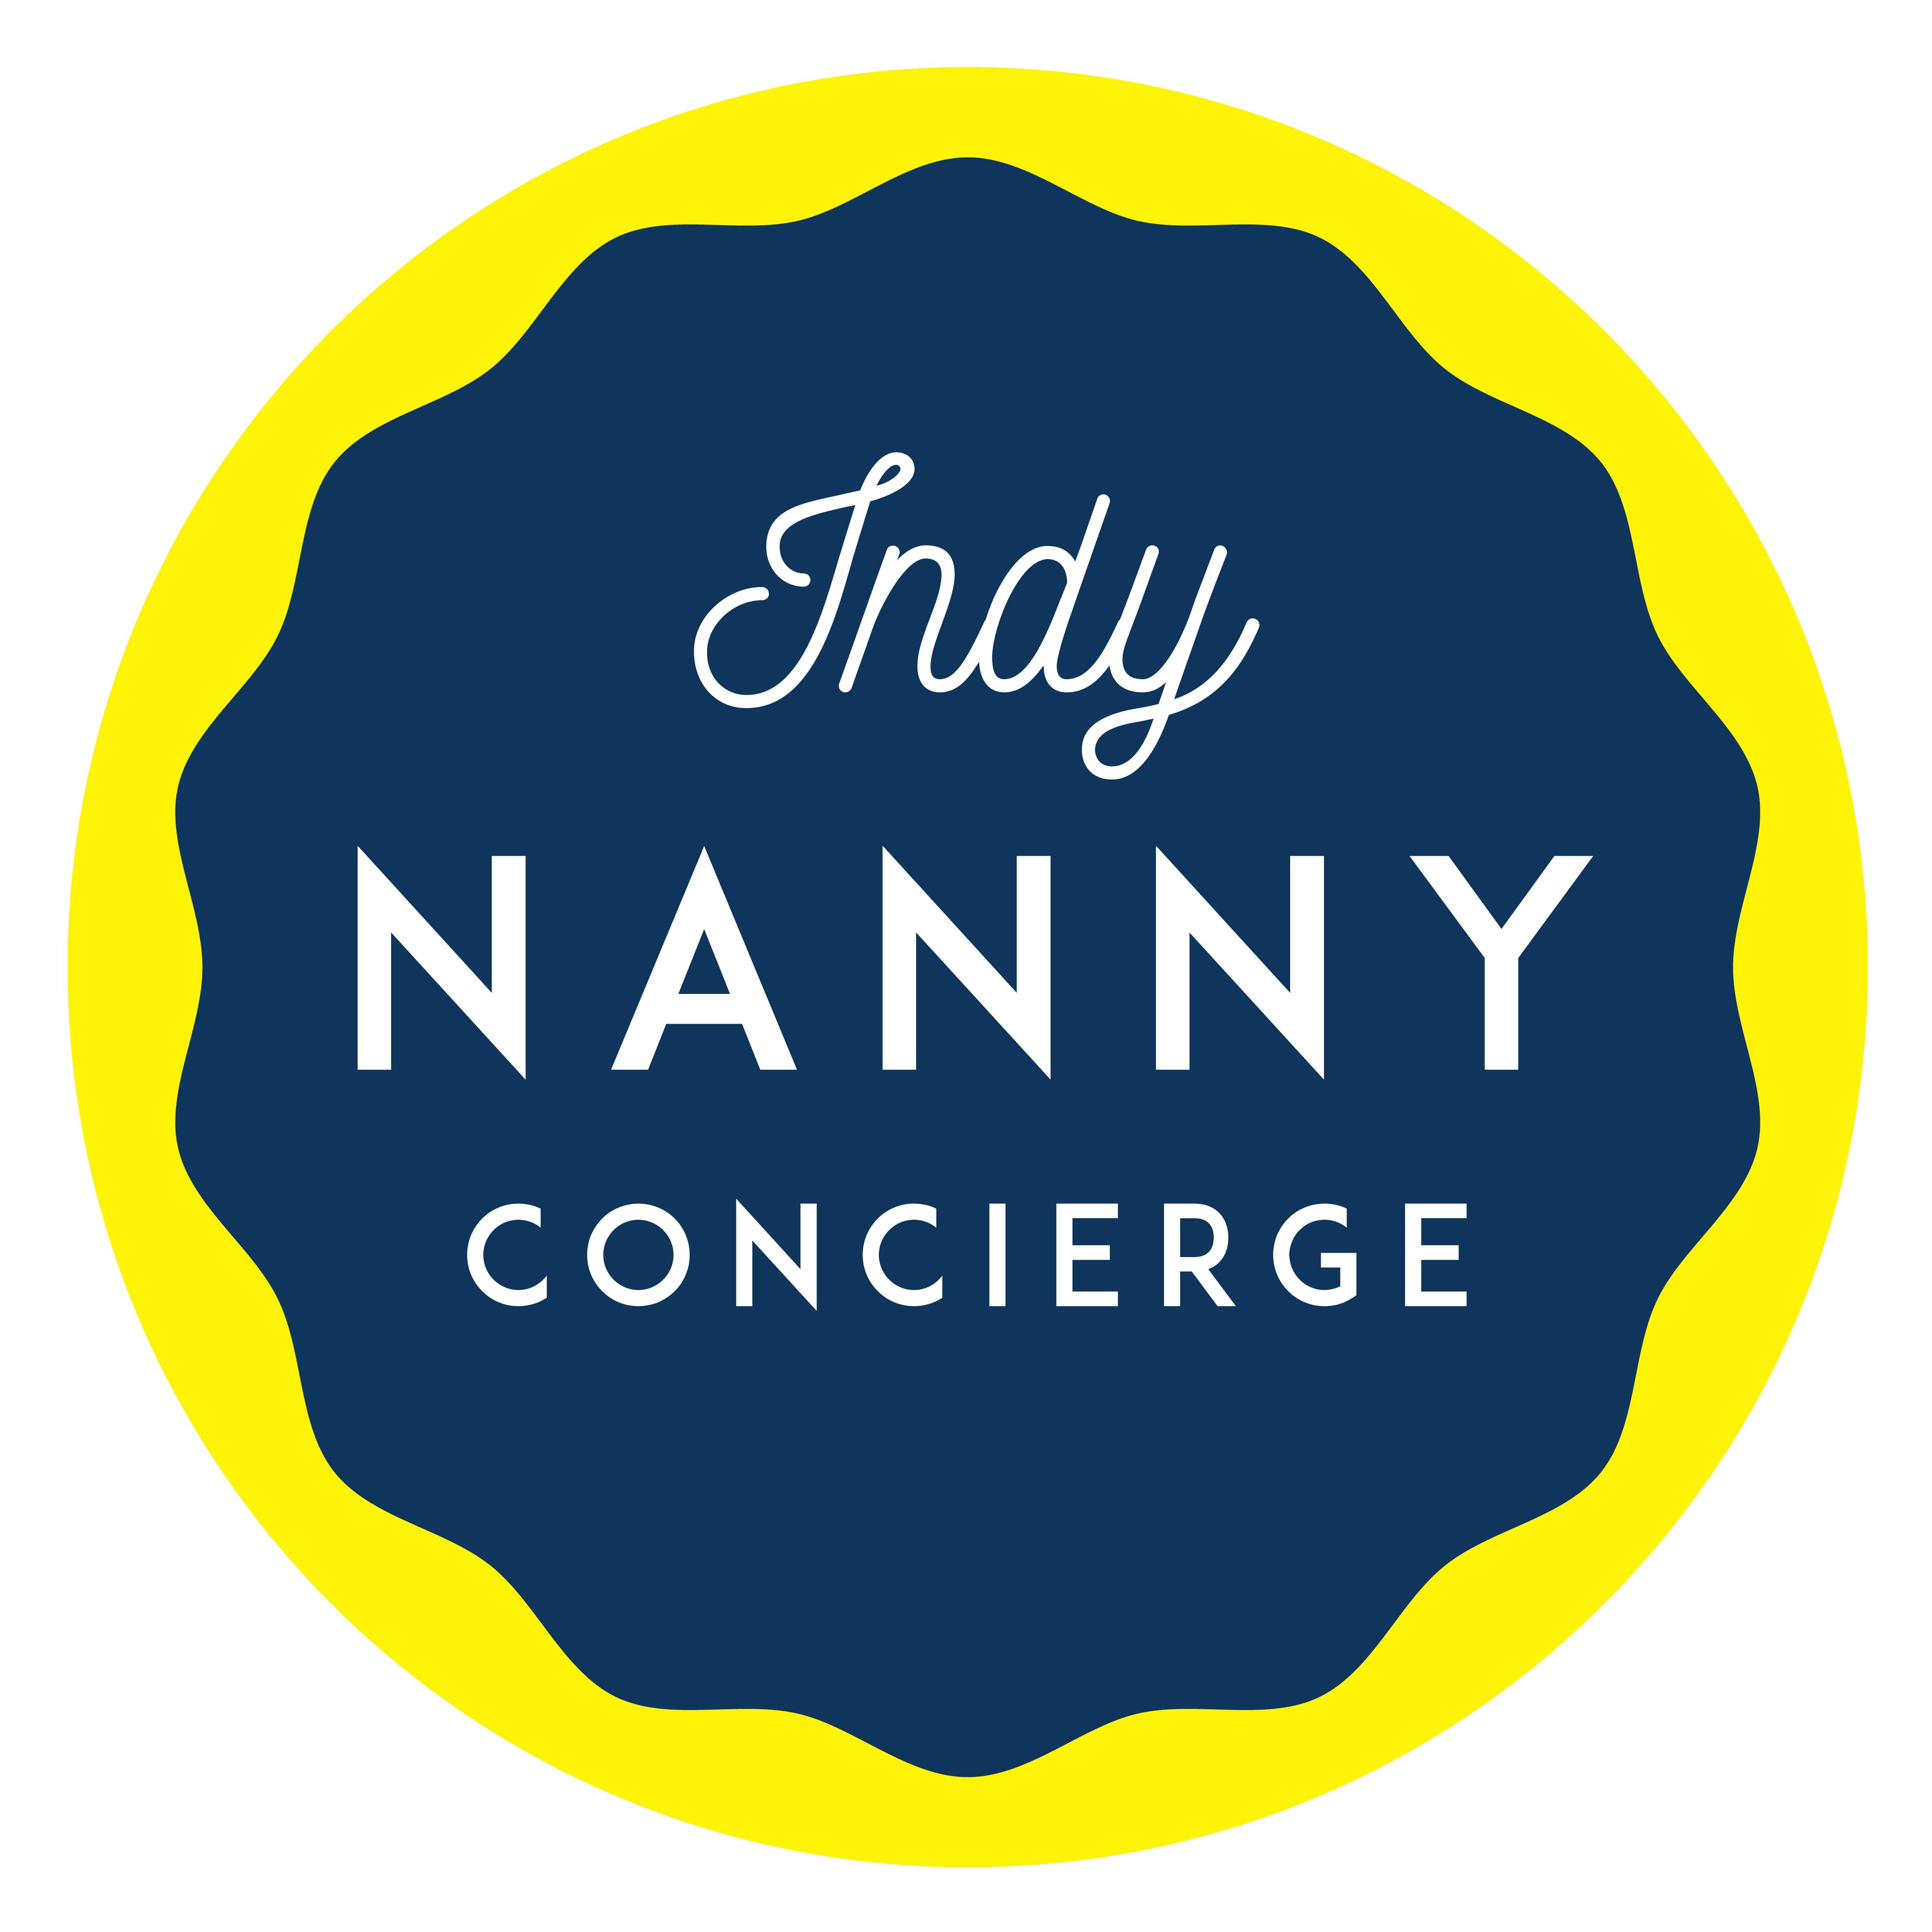 Indy Nanny Concierge